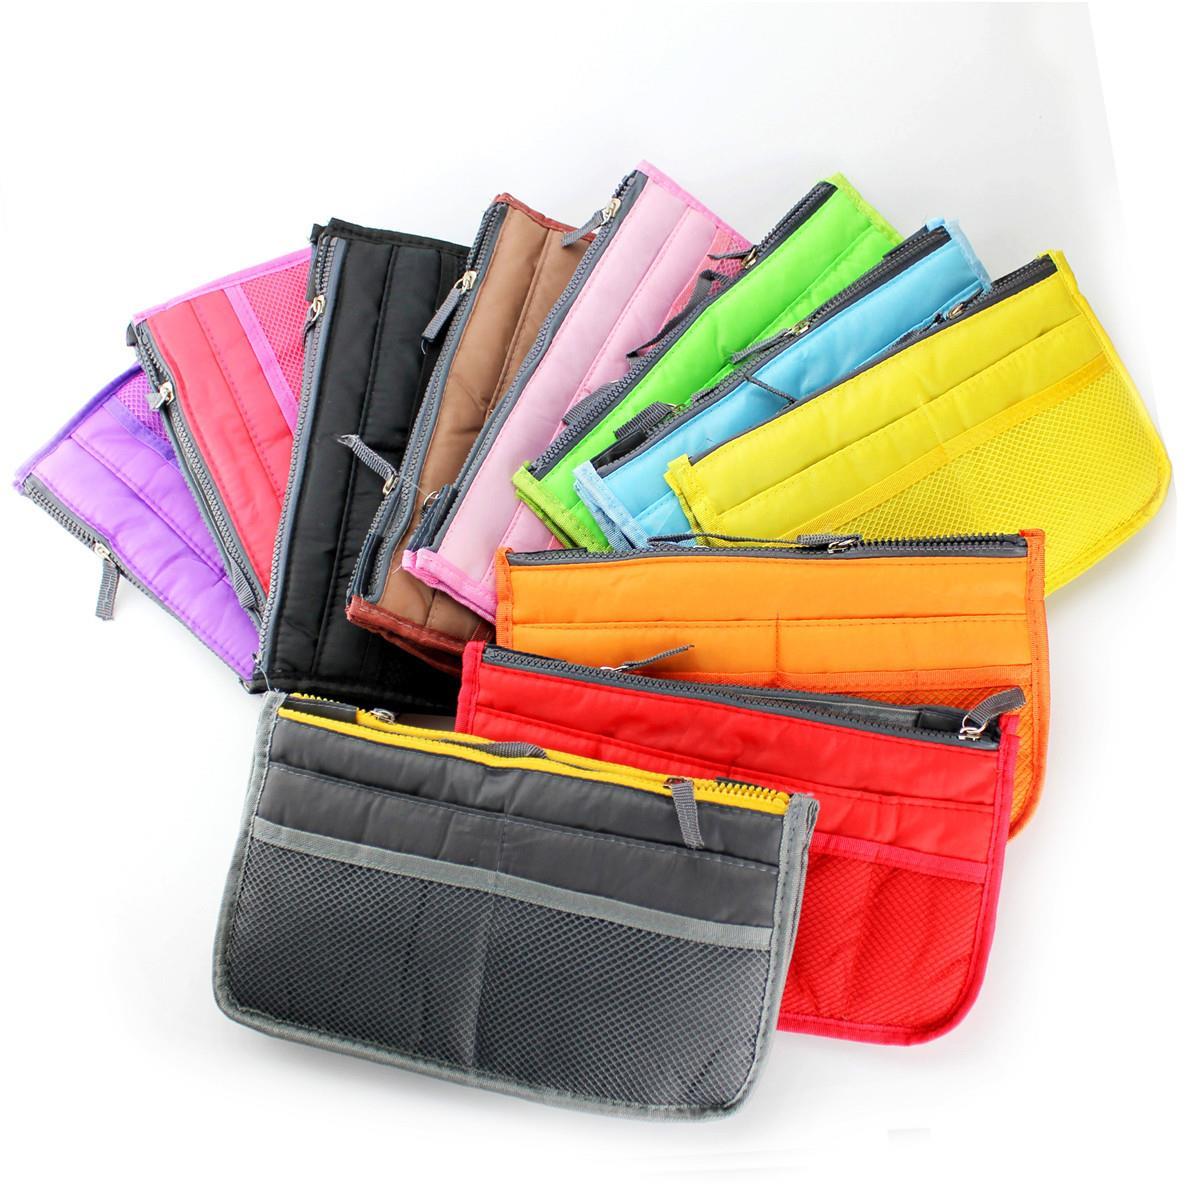 שקית בתוך שקית,רוכסן כפול נייד רב תכליתיים נסיעות כיסים תיק שקית אחסון,Fadish נסיעות קוסמטיקה, איפור, לשטוף את התיק